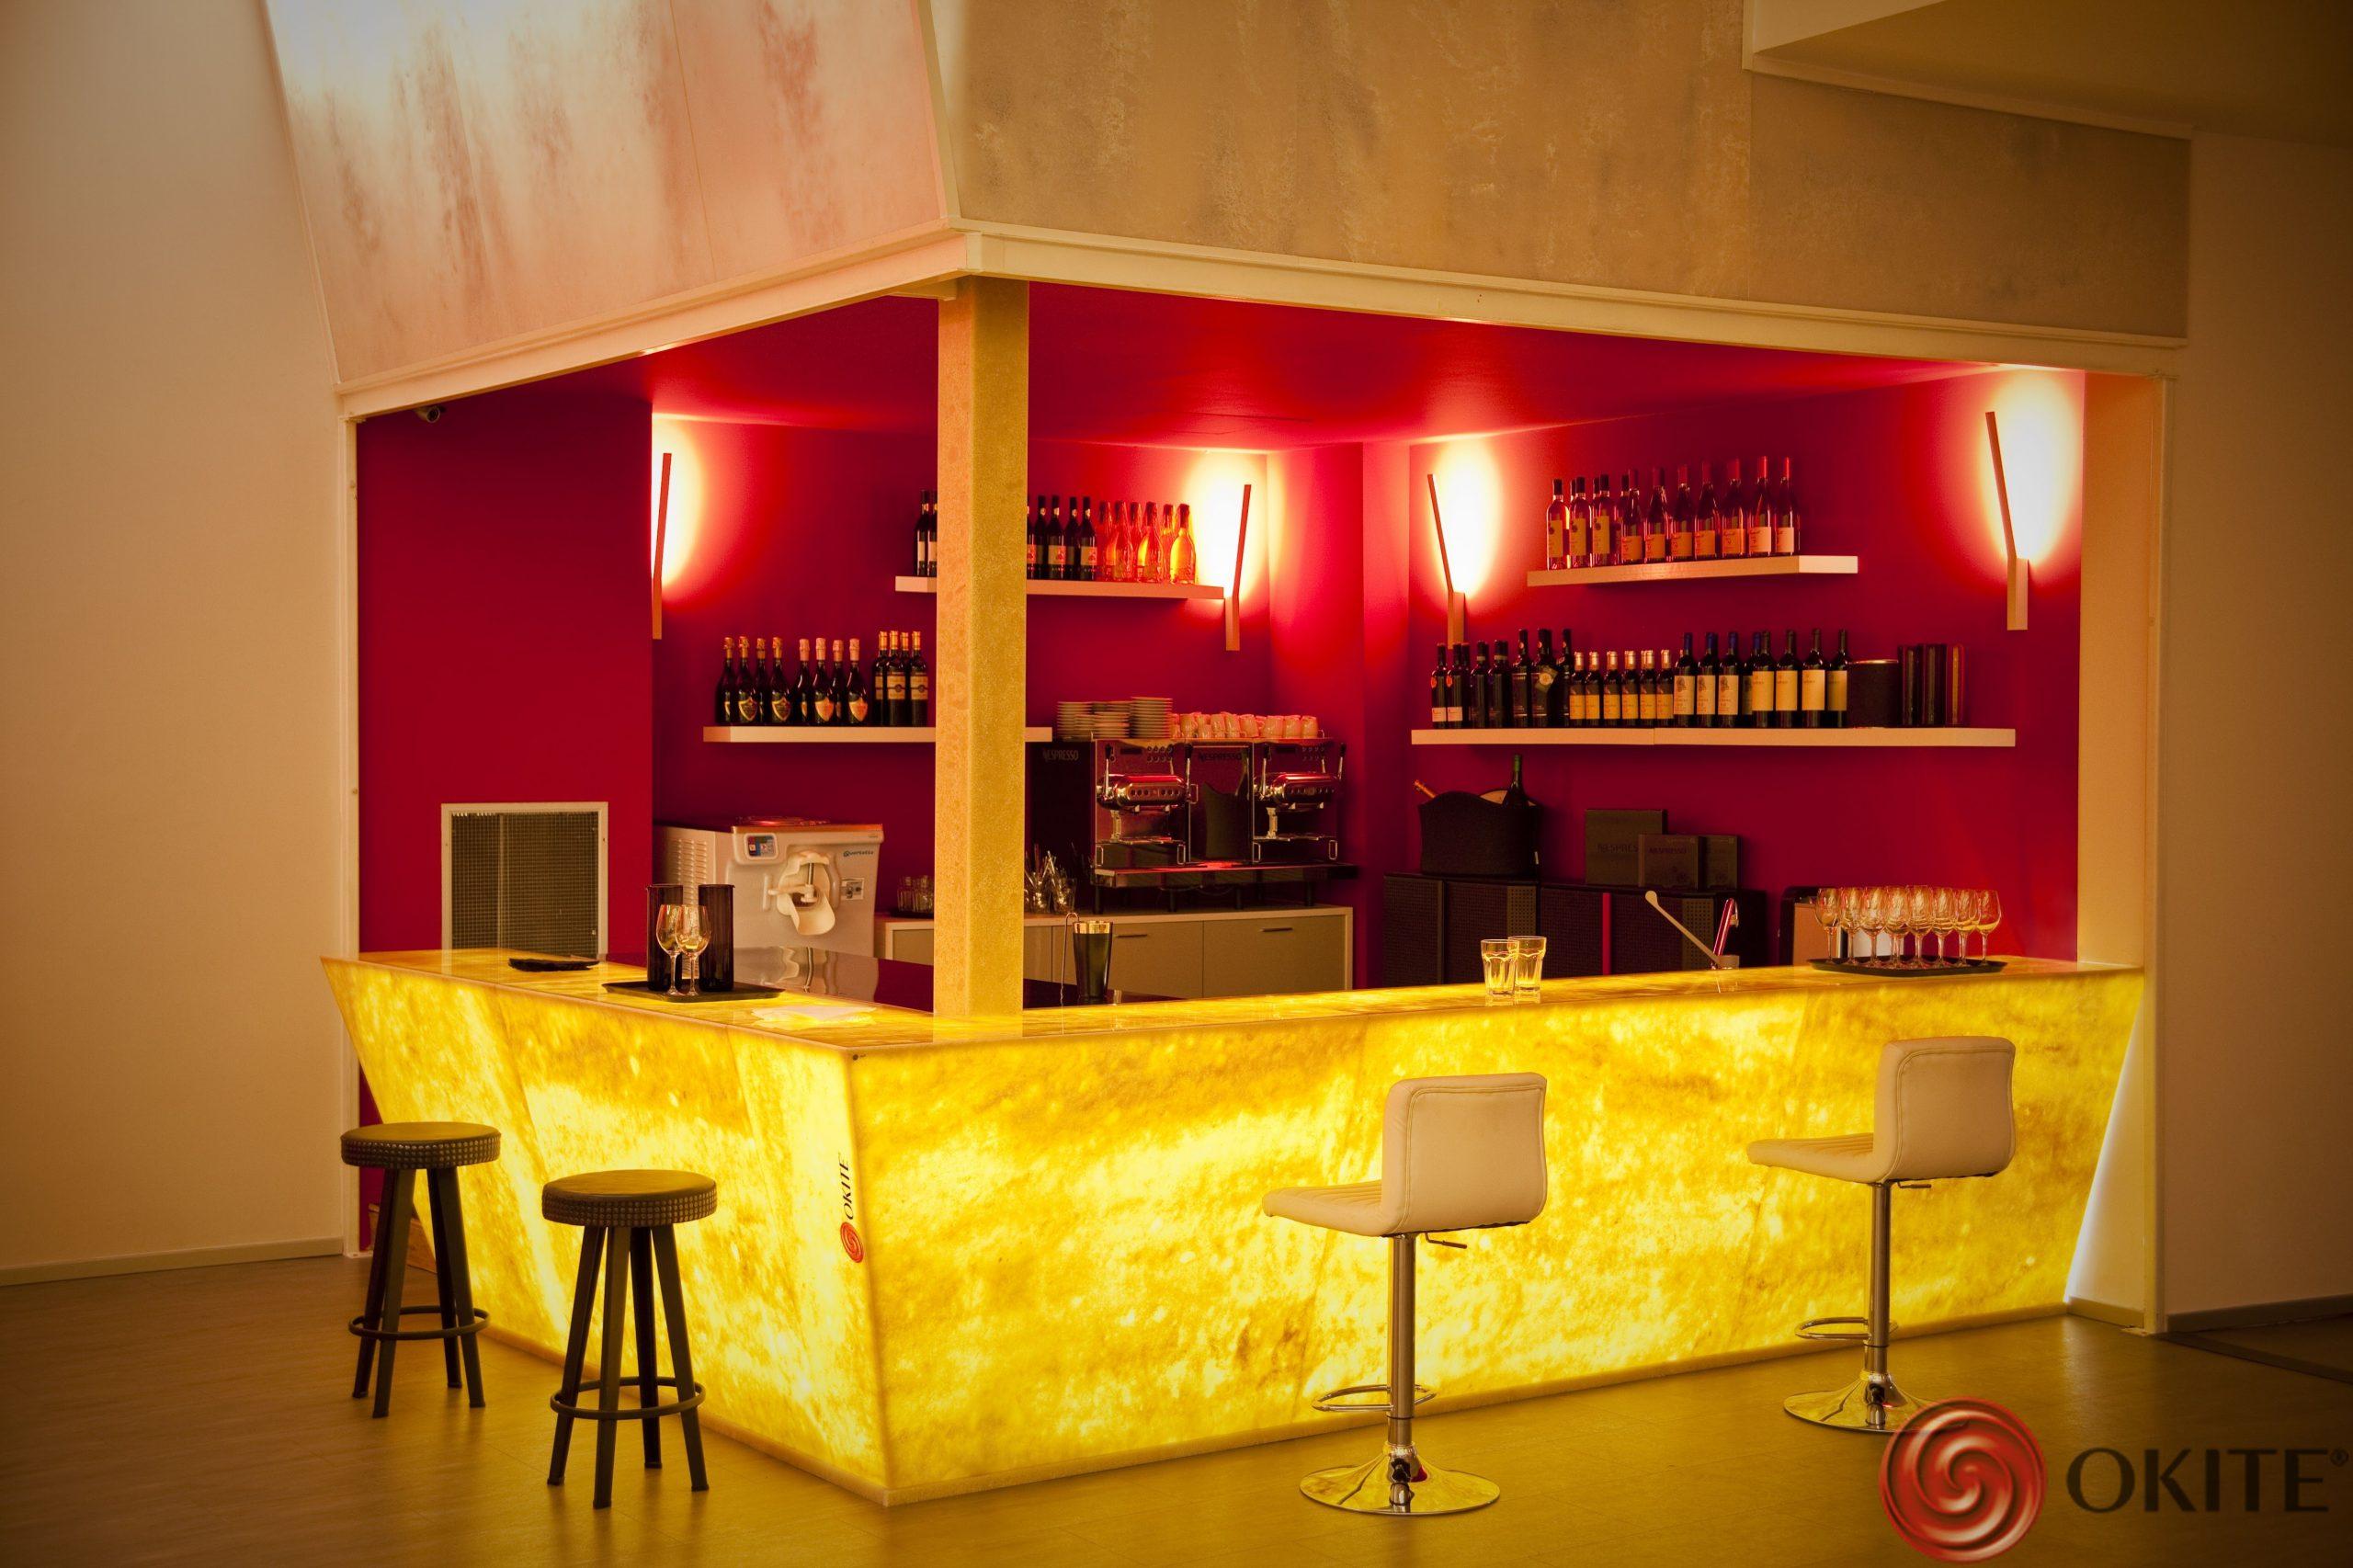 podsvietený kamenný barový pult